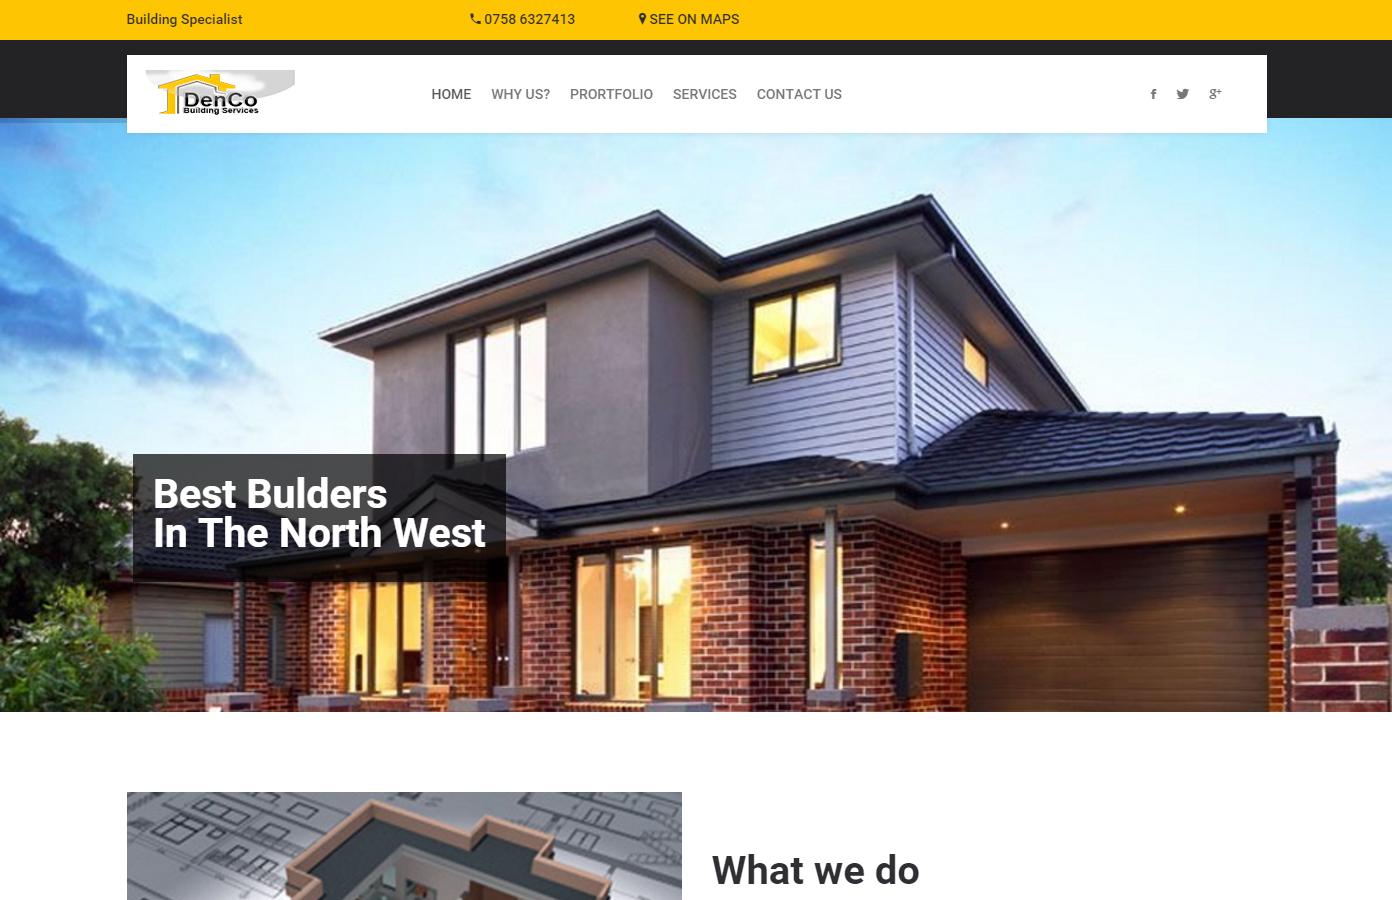 DenCo-Builder-Website.jpg